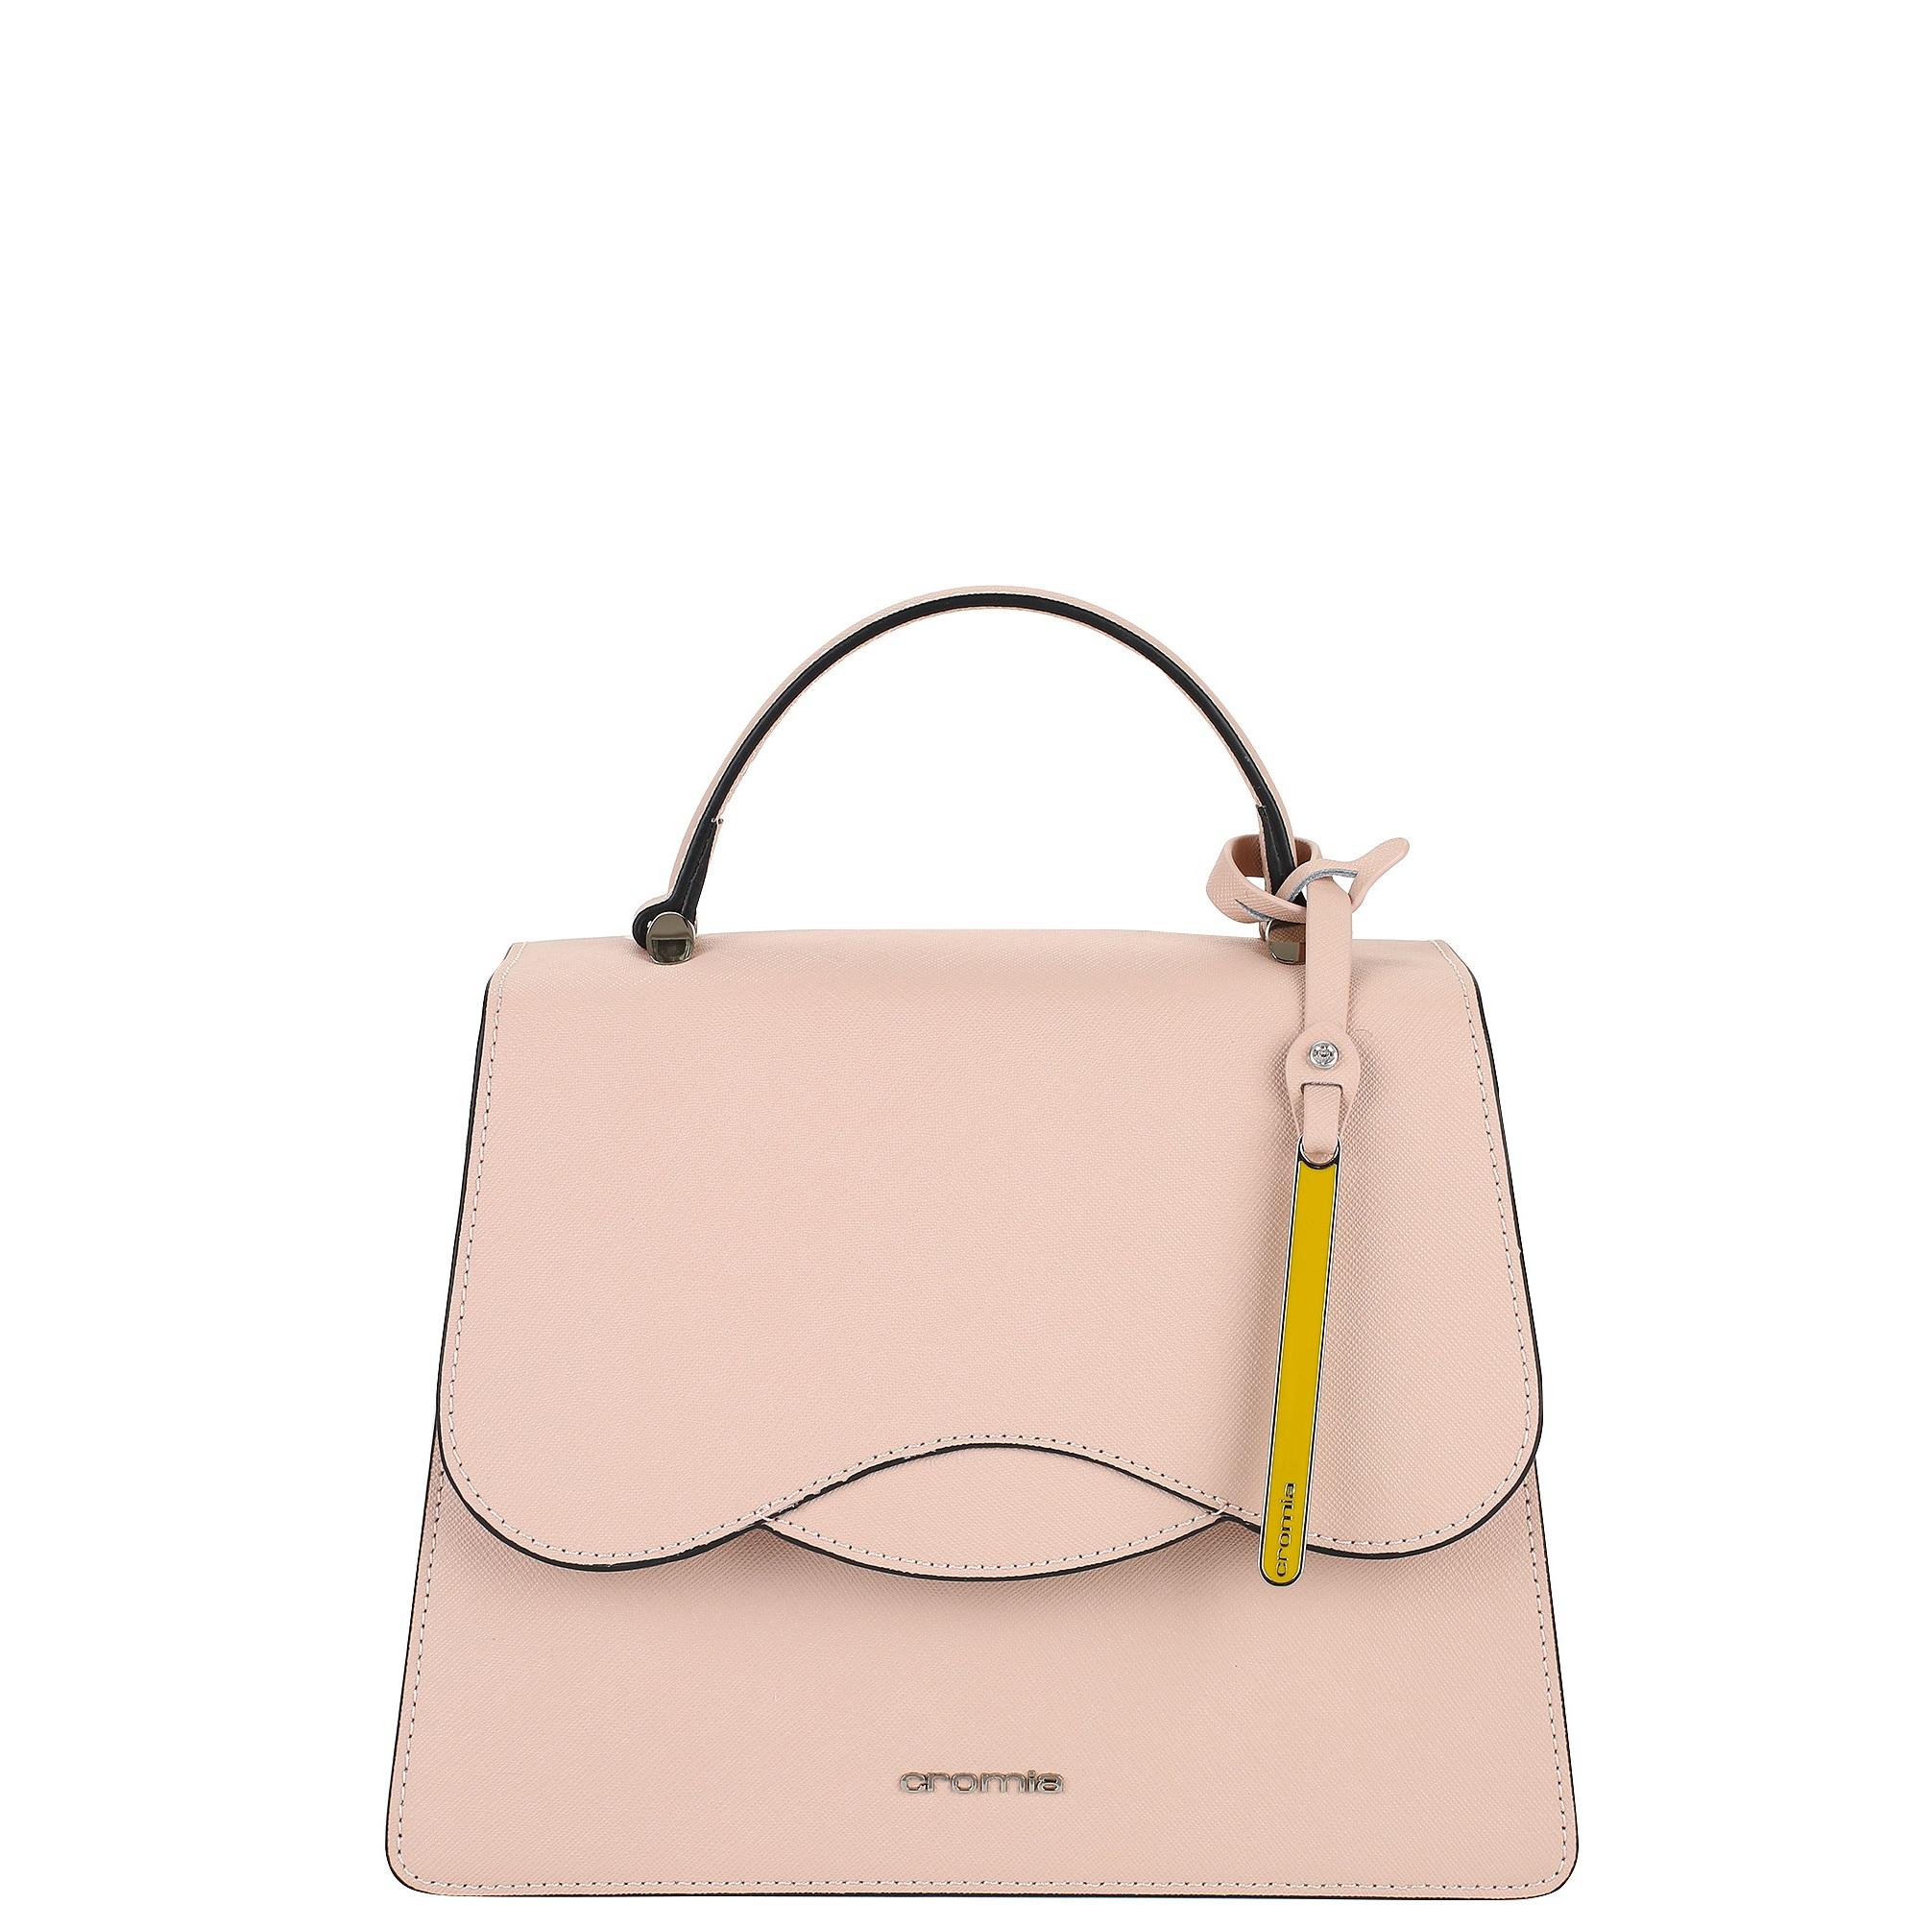 968a63372321 Средняя женская сумка Cromia 1403593 розовая - цена руб, купить